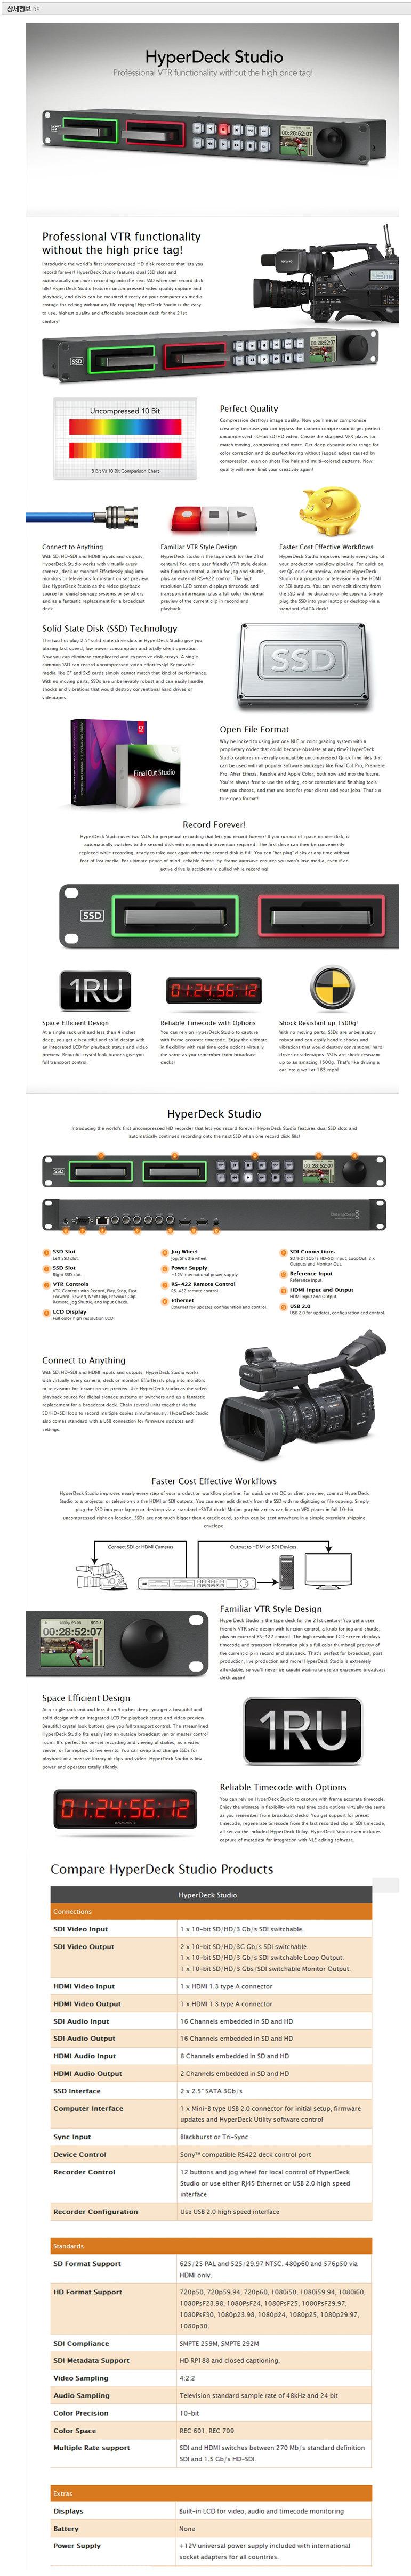 HyperDeck-Studio2_s